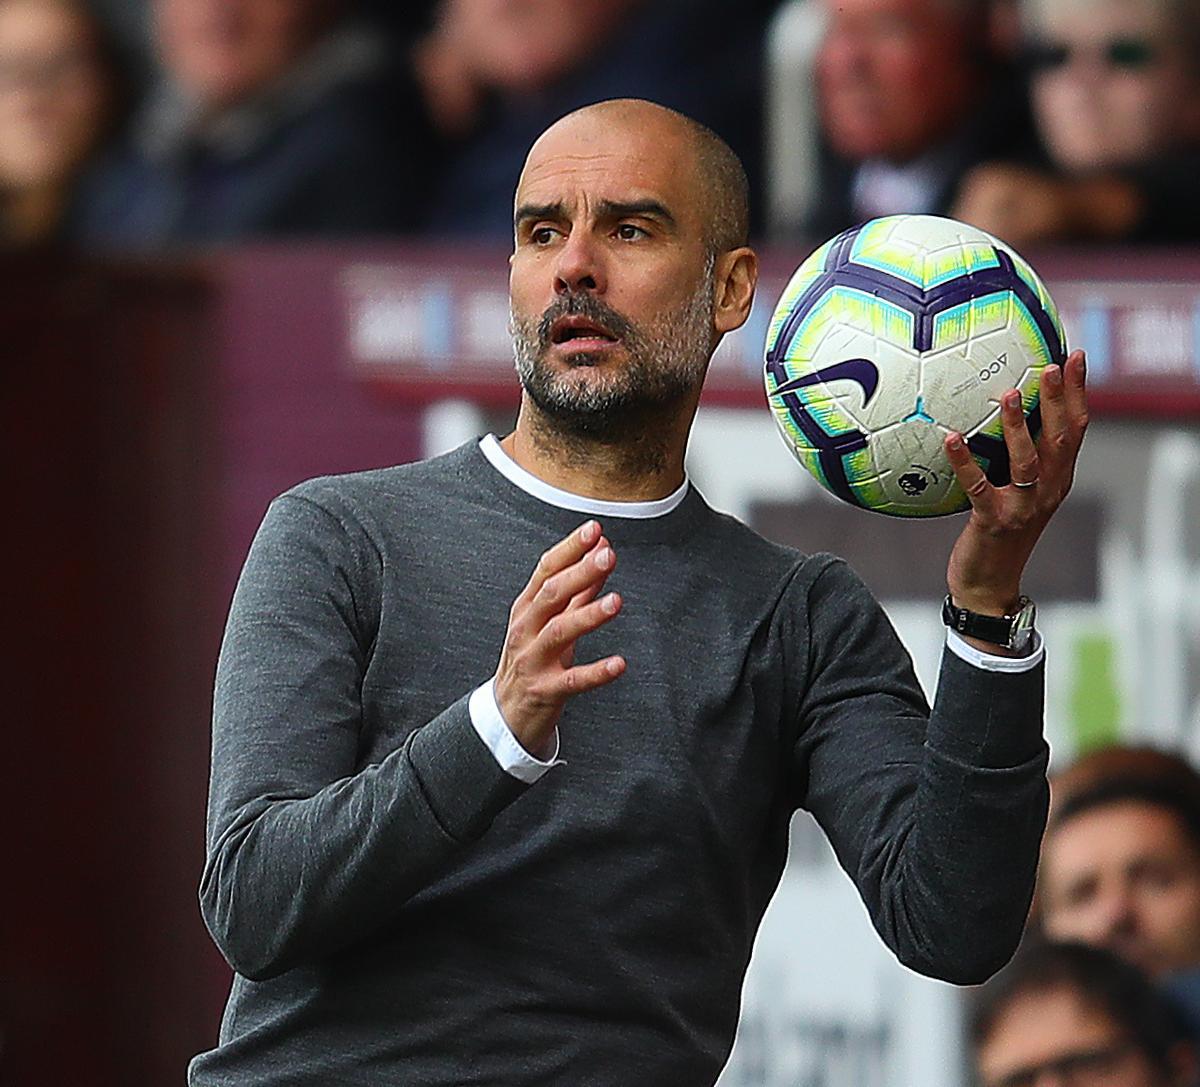 Premier League Table: 2019 Standings, Week 37 Fixtures